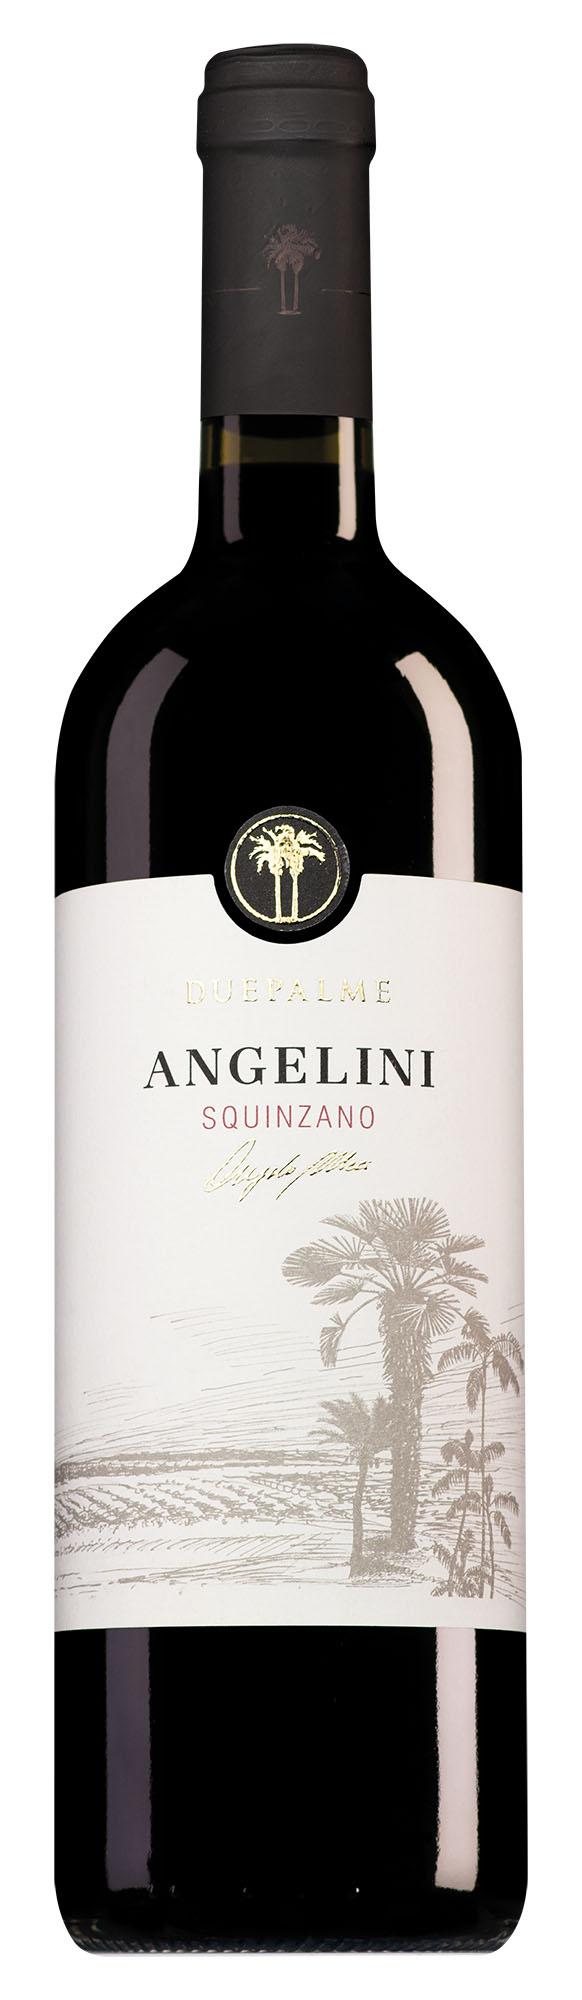 Cantine Due Palme Squinzano Angelini